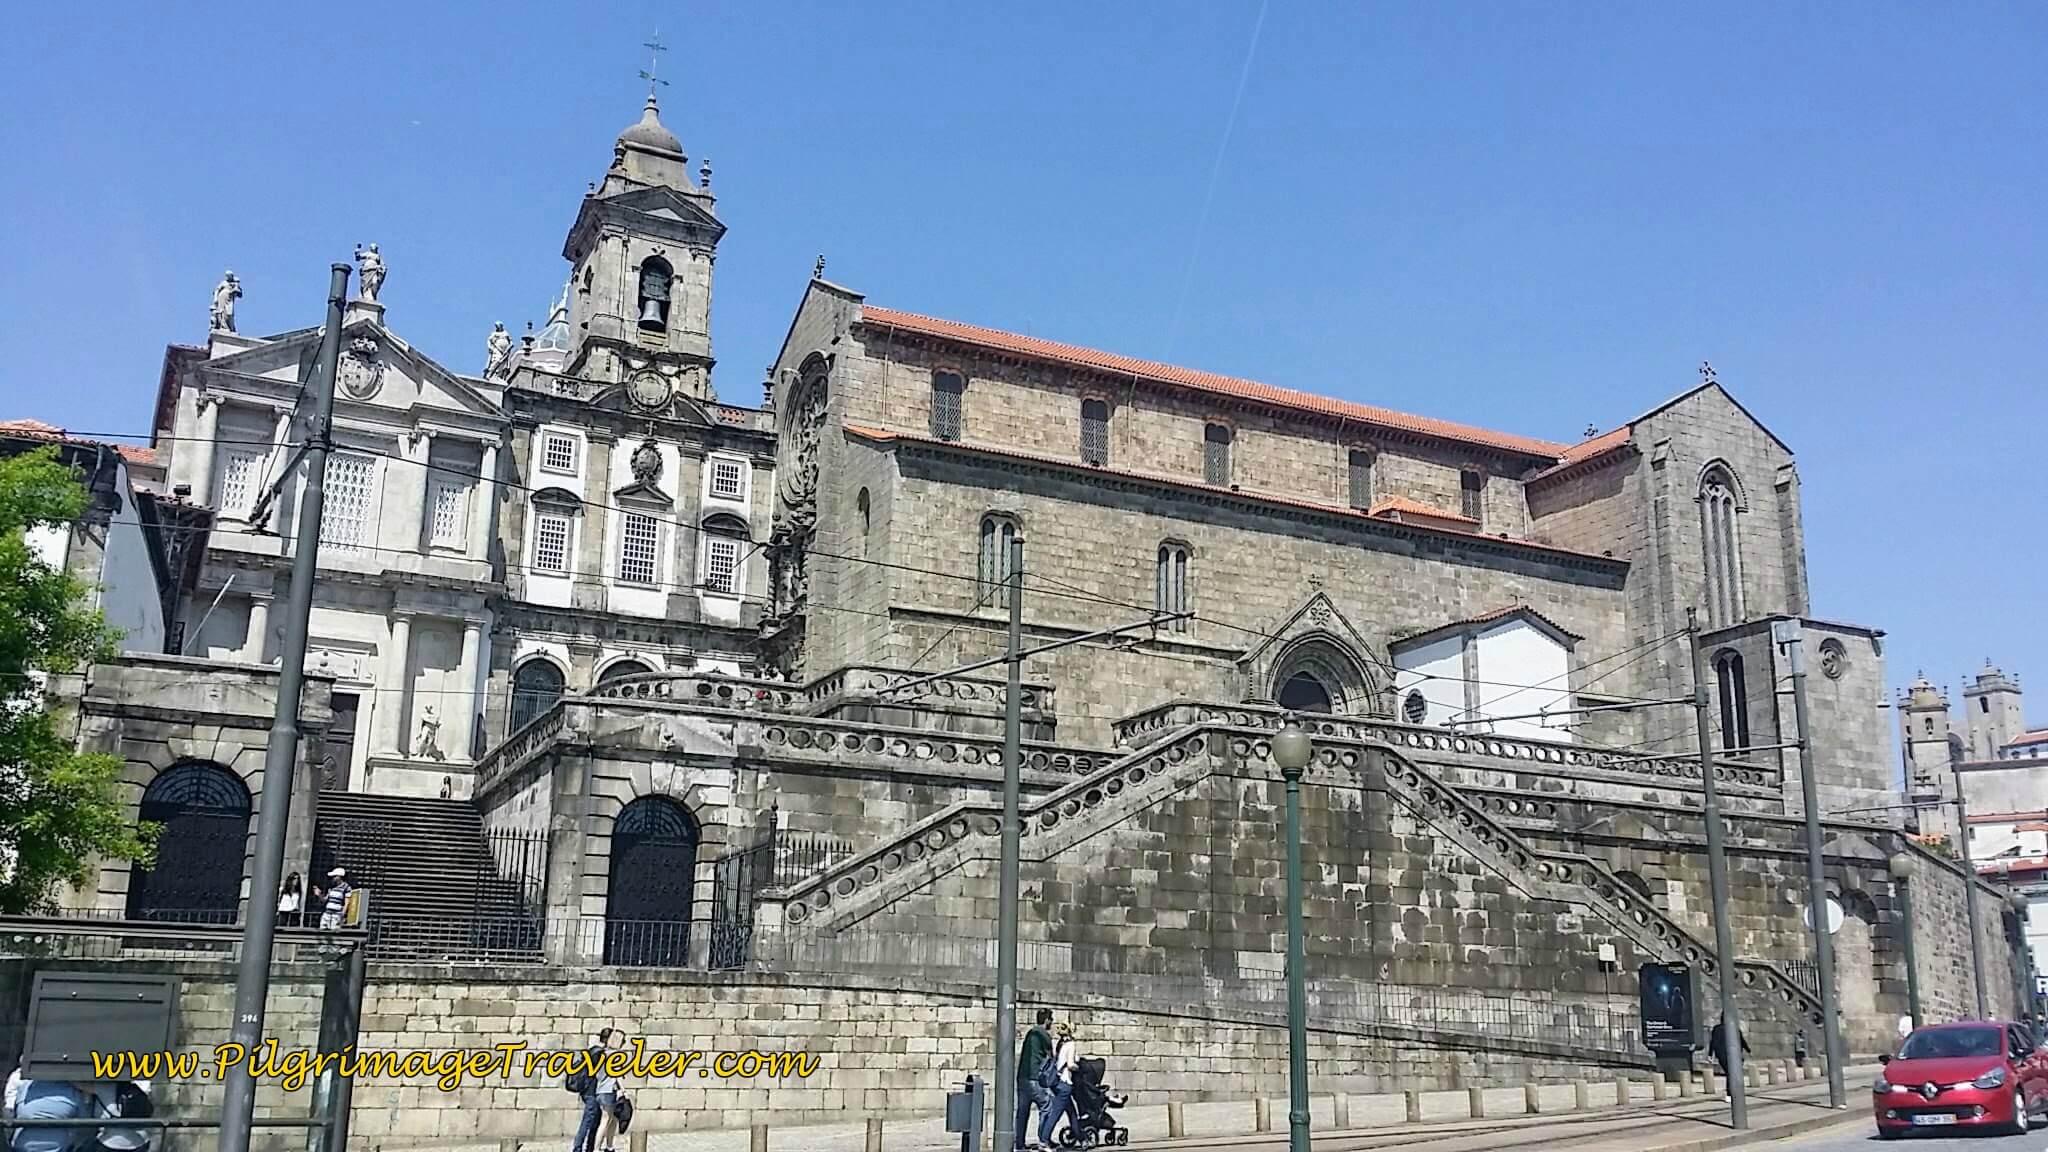 Igreja Monumento de São Francisco in Porto, Portugal